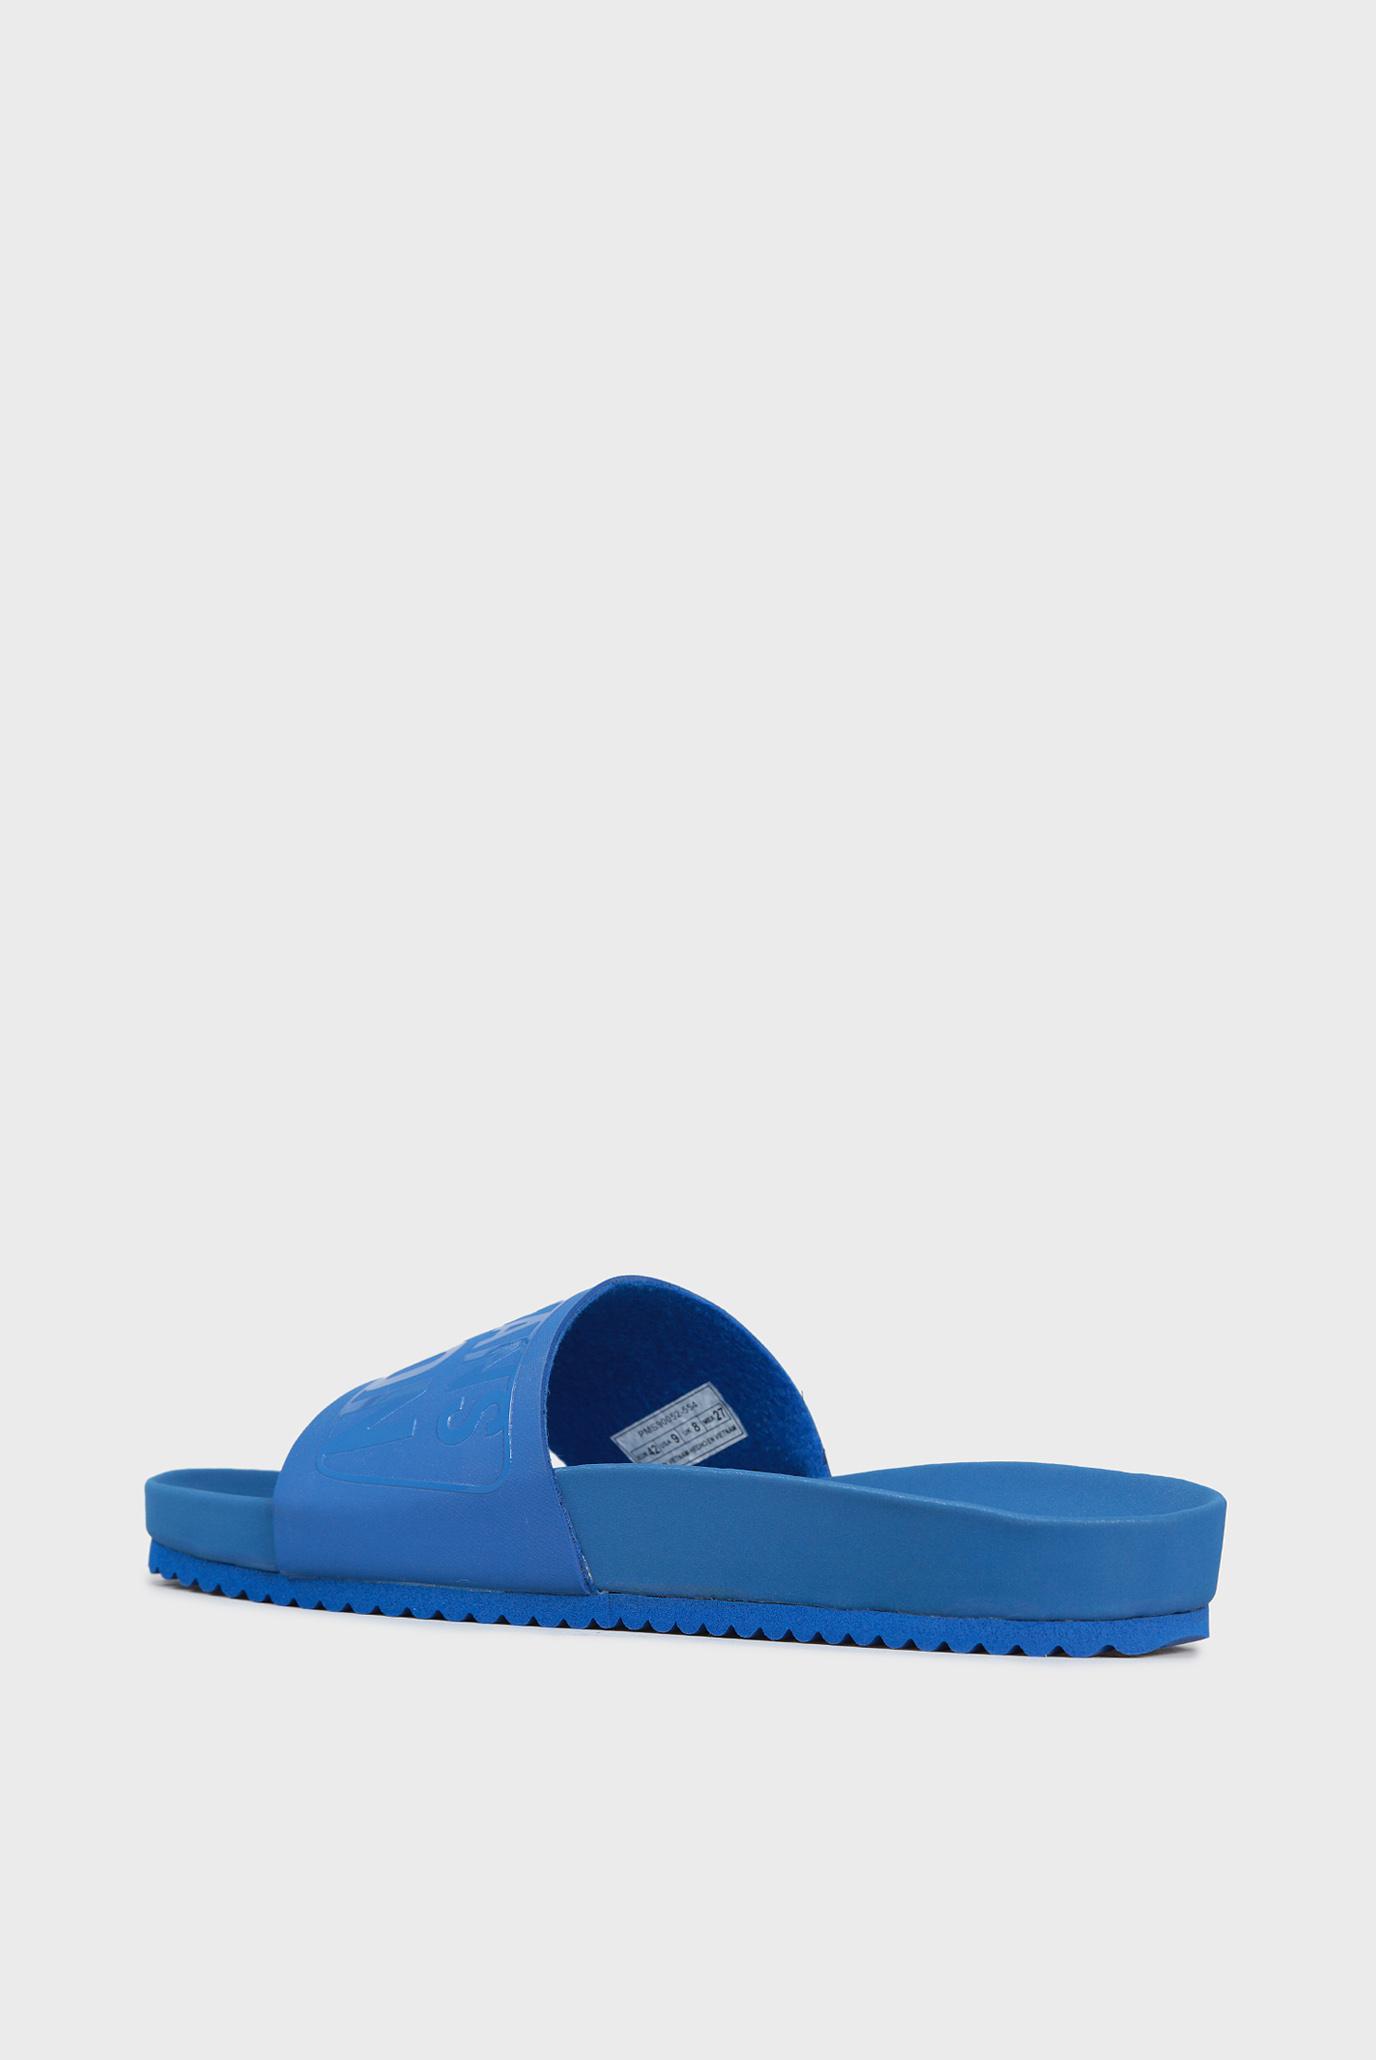 Купить Мужские голубые слайдеры Pepe Jeans Pepe Jeans PMS90052 – Киев, Украина. Цены в интернет магазине MD Fashion